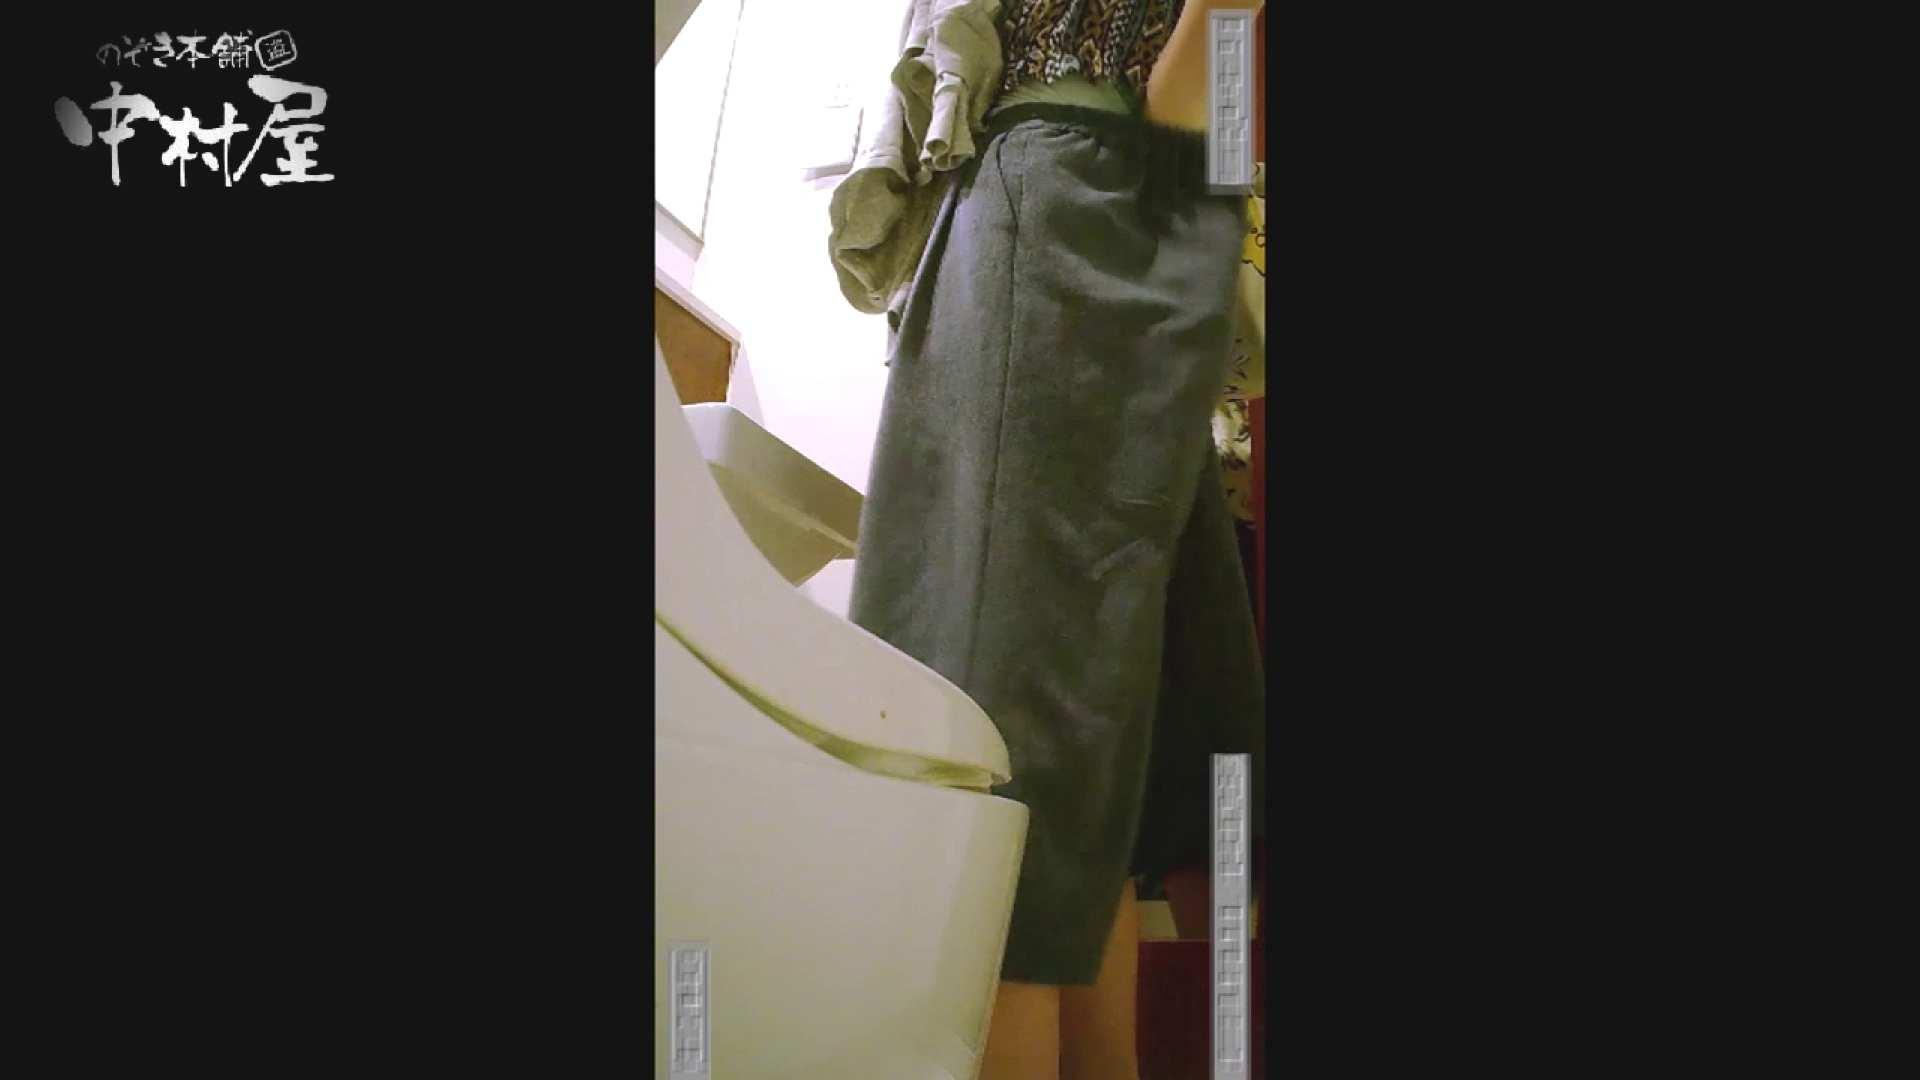 高画質トイレ盗撮vol.10 女子トイレ編   高画質  94PIX 25